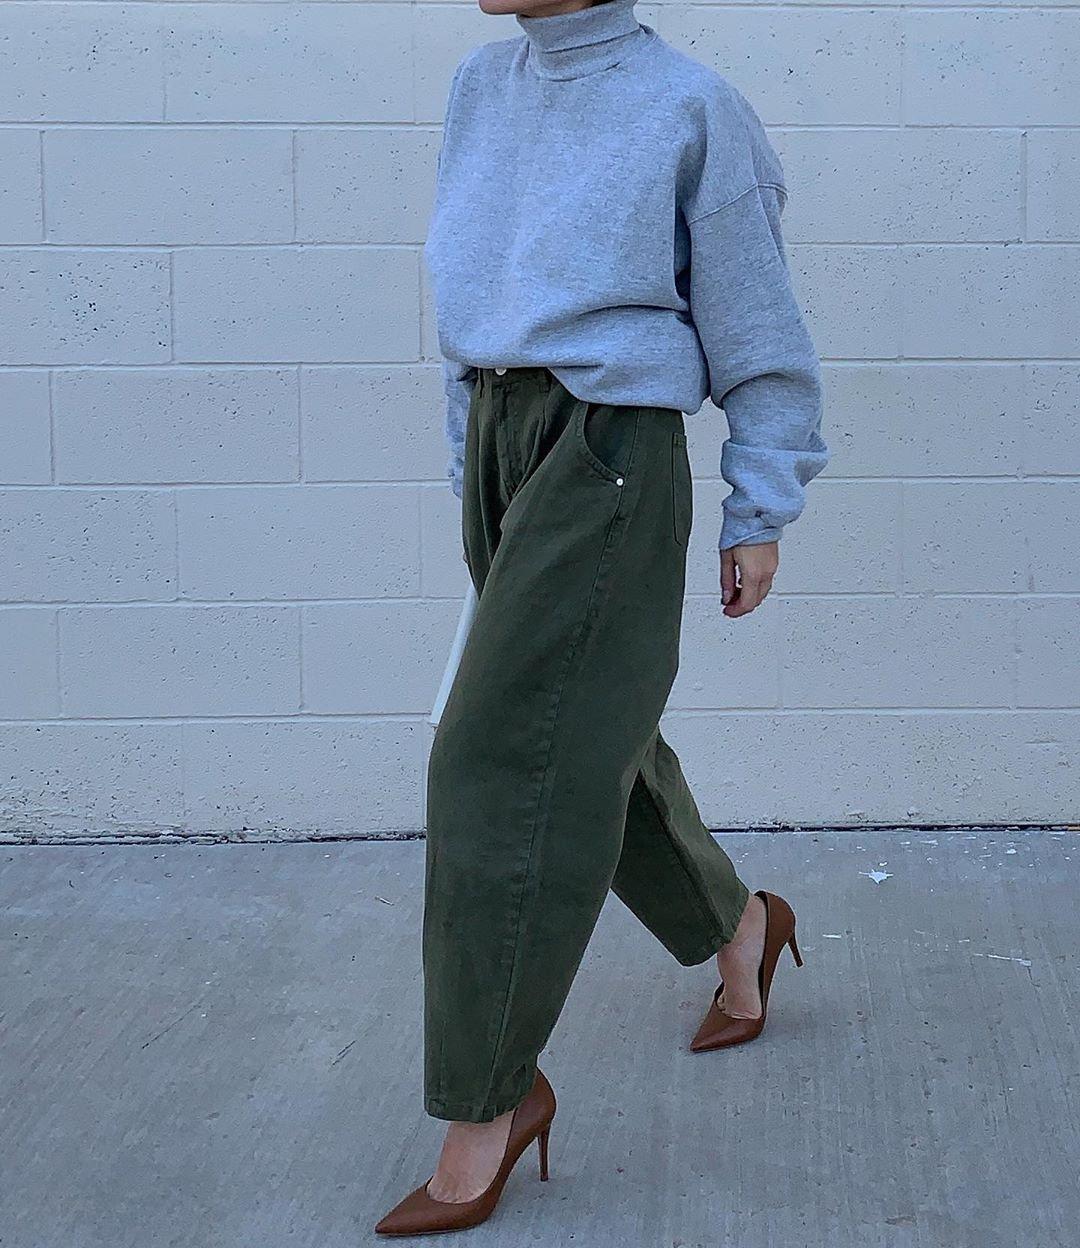 conheça as 'grandpa jeans' Separamos 3 formas de usar